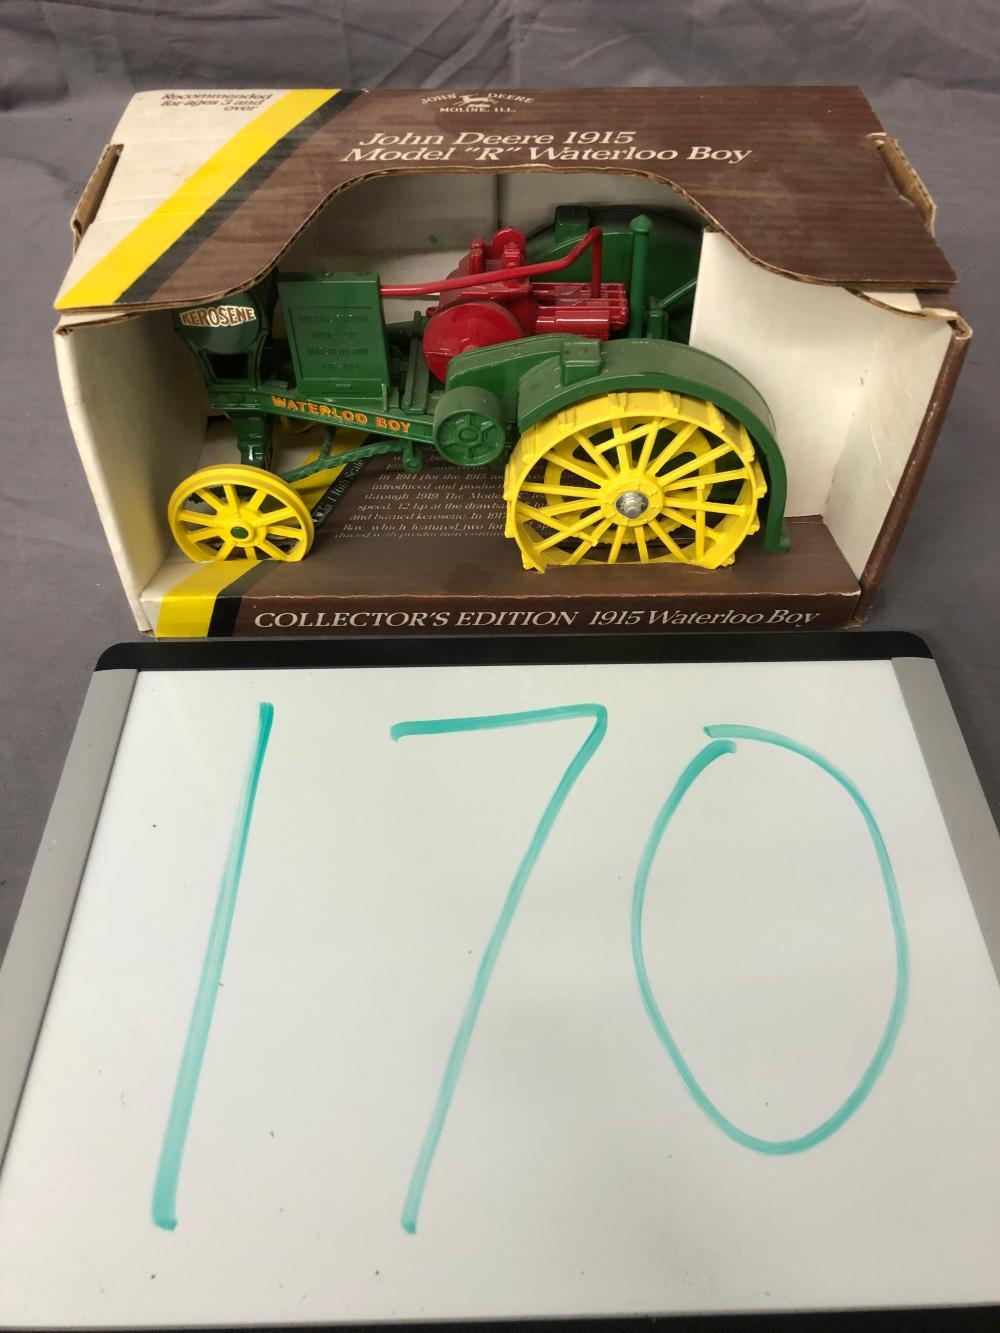 1/16th Scale John Deere Model R Waterloo Boy